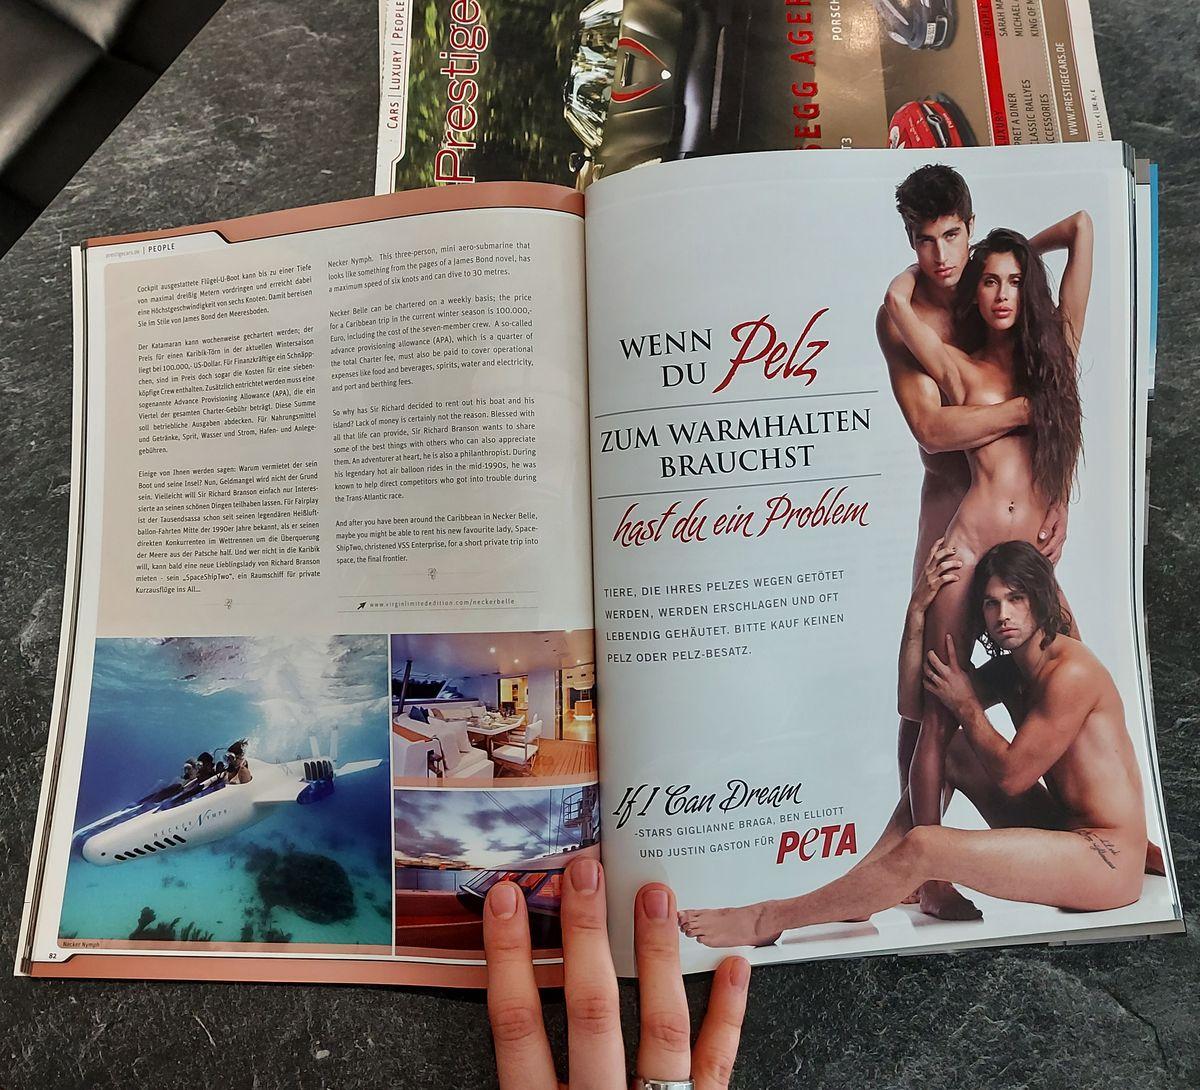 Beispiel eines Charity-Inserats von Peta in meinem damaligen Printmagazin.